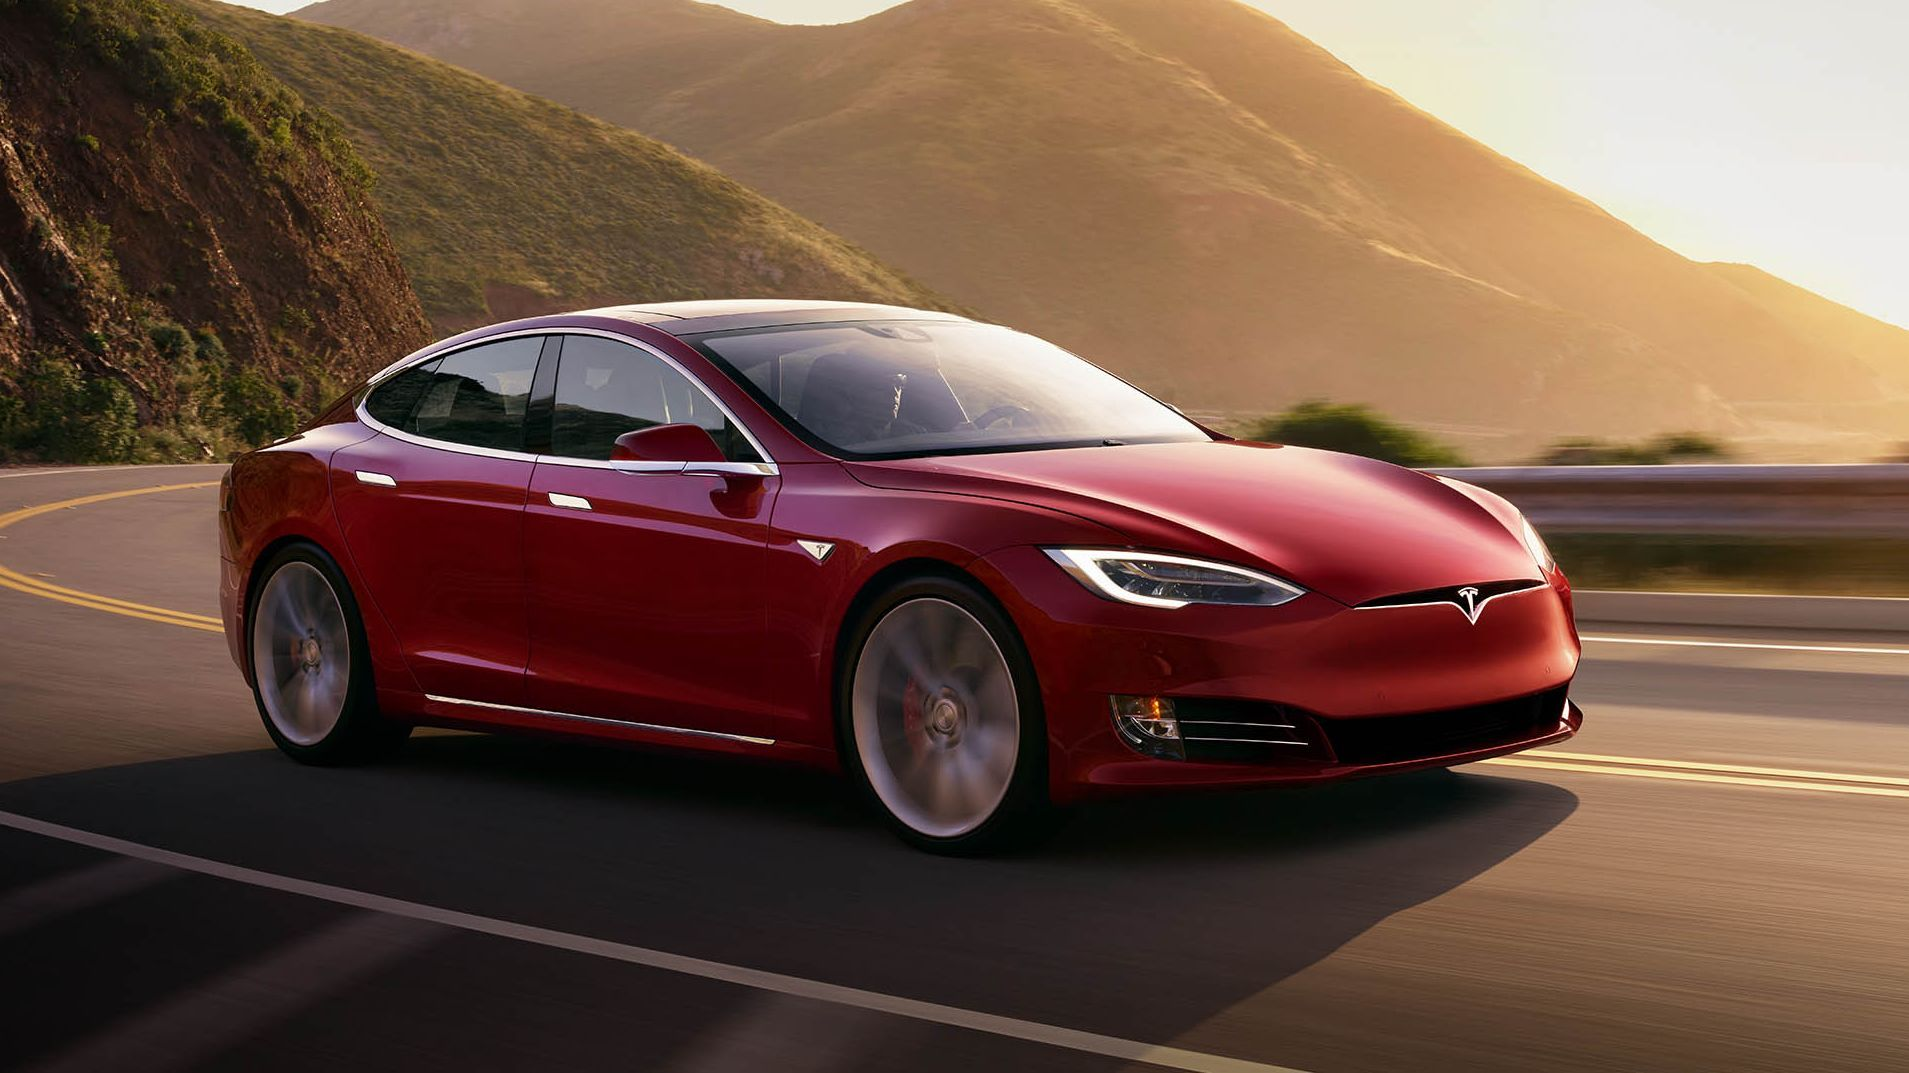 Tesla nie tout problème d'accélération, la pétition serait lancée par un parieur boursier